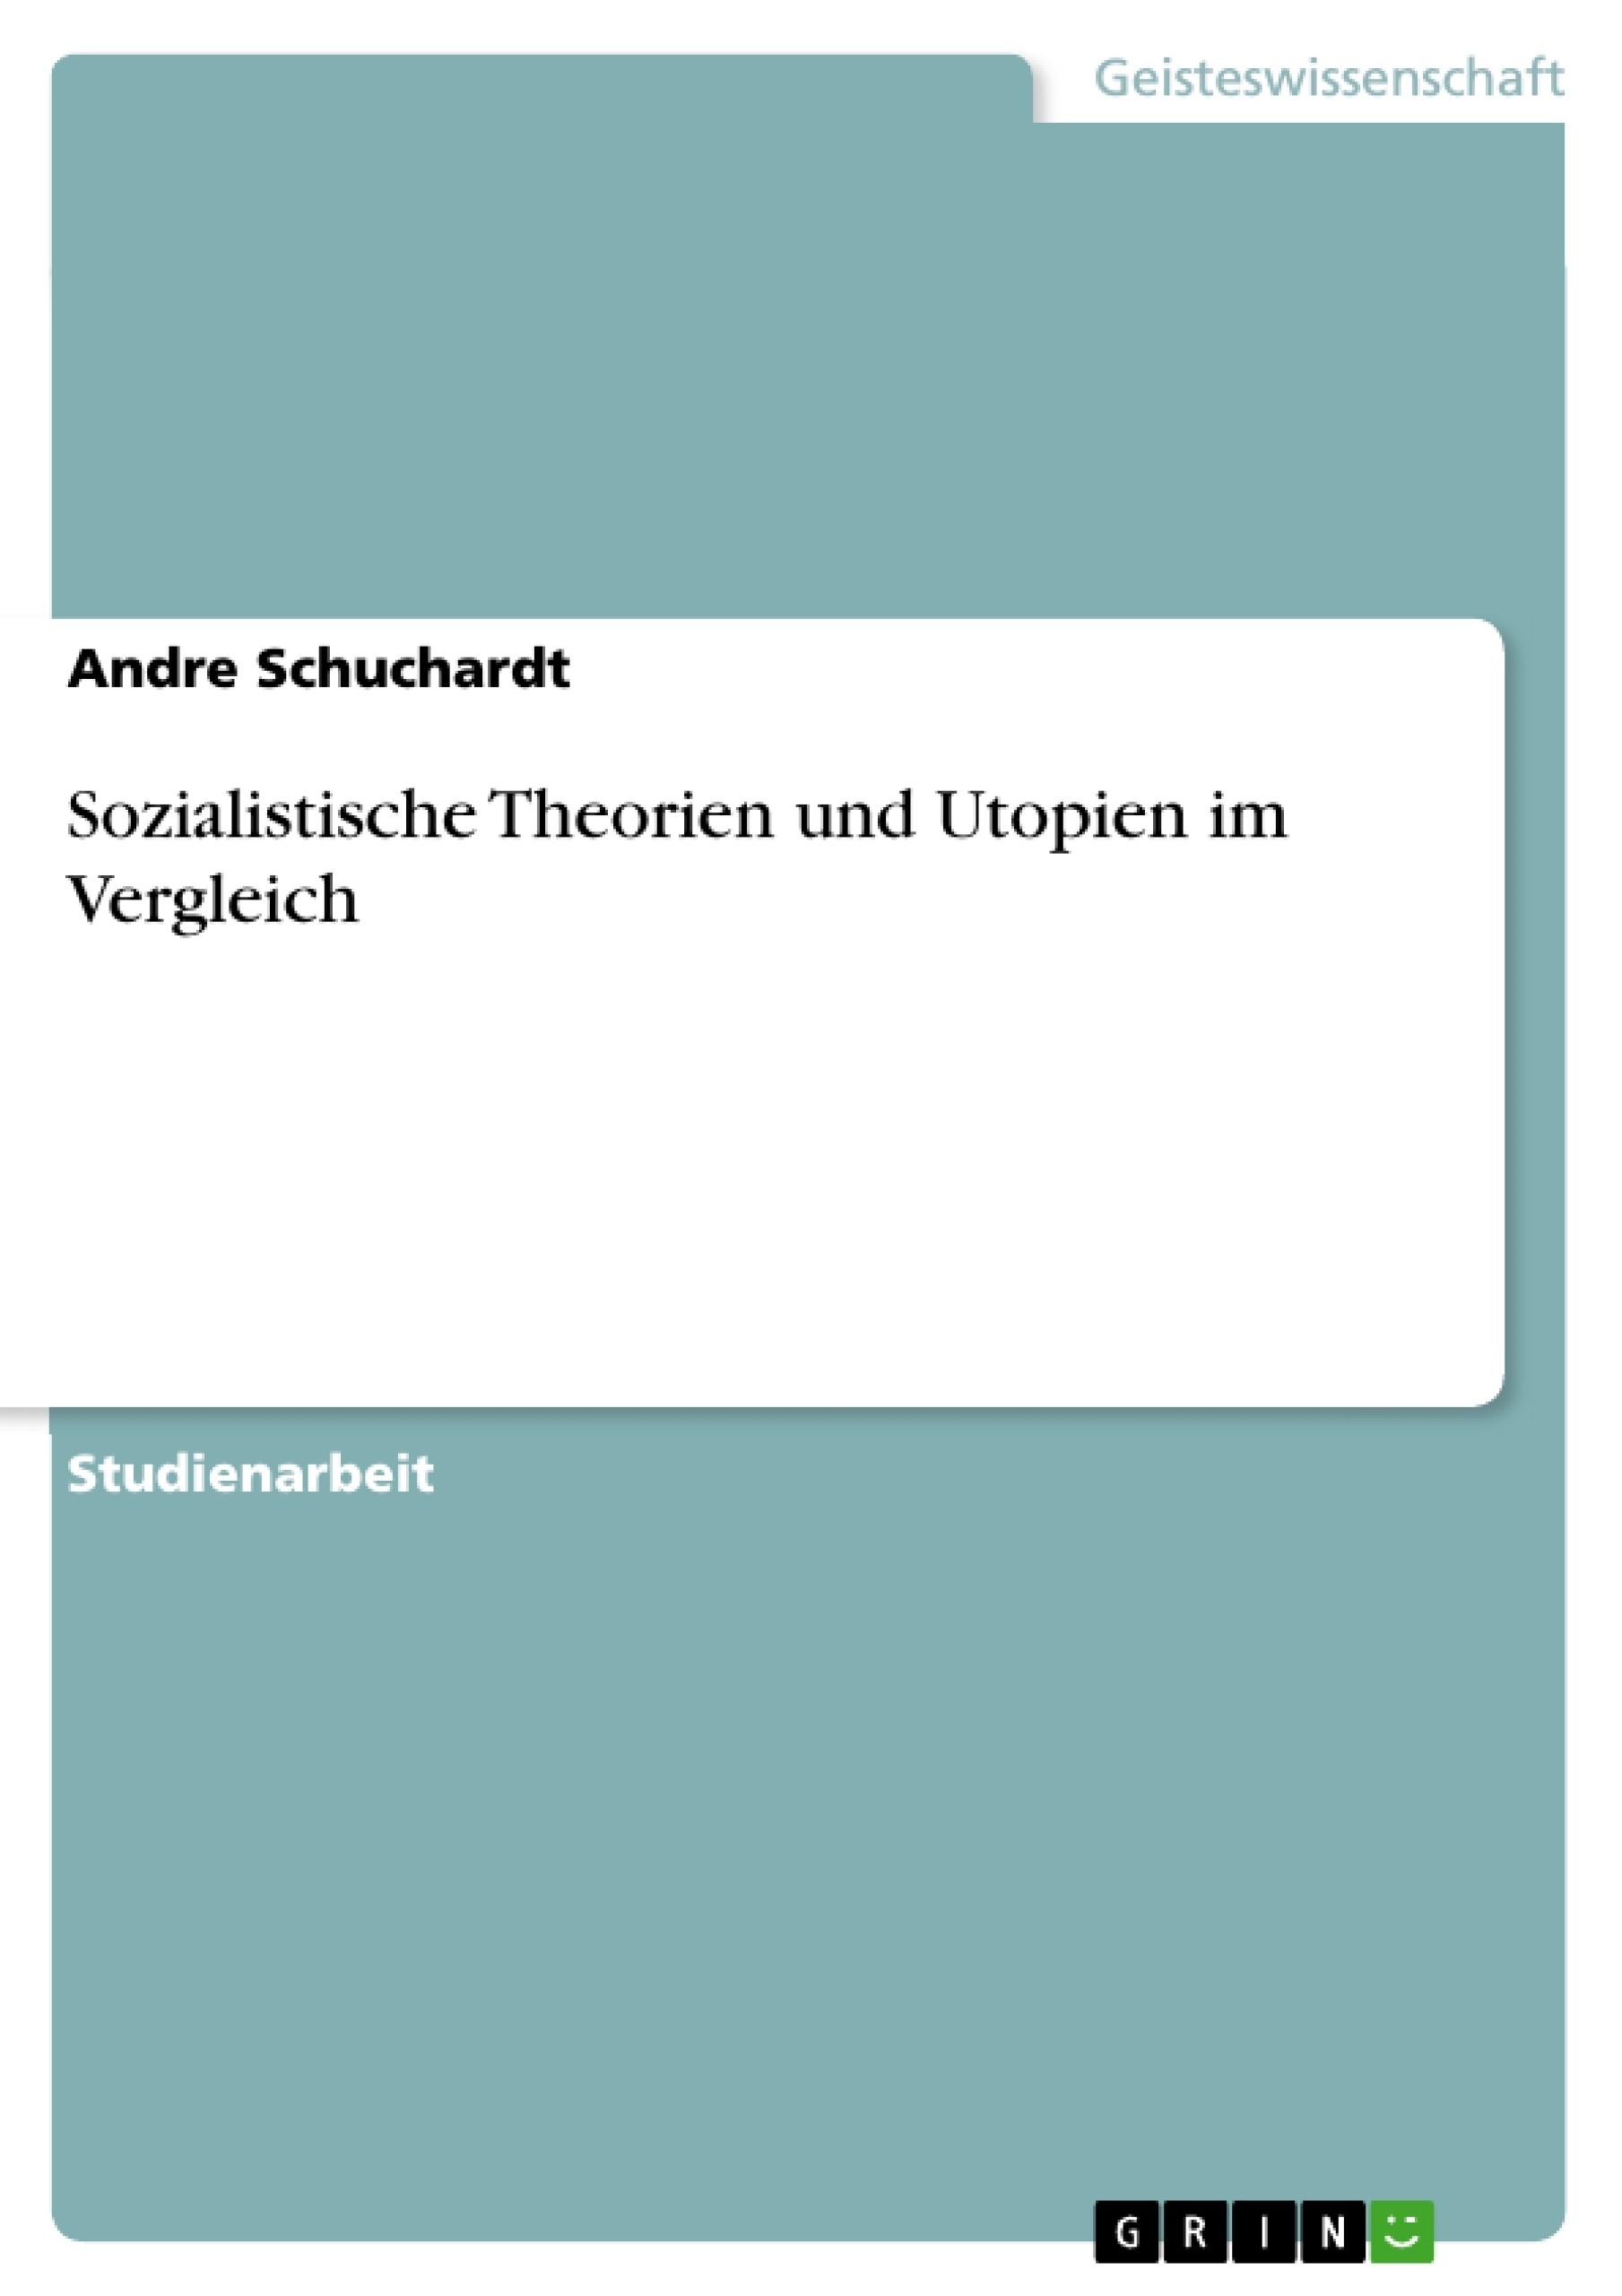 Titel: Sozialistische Theorien und Utopien im Vergleich